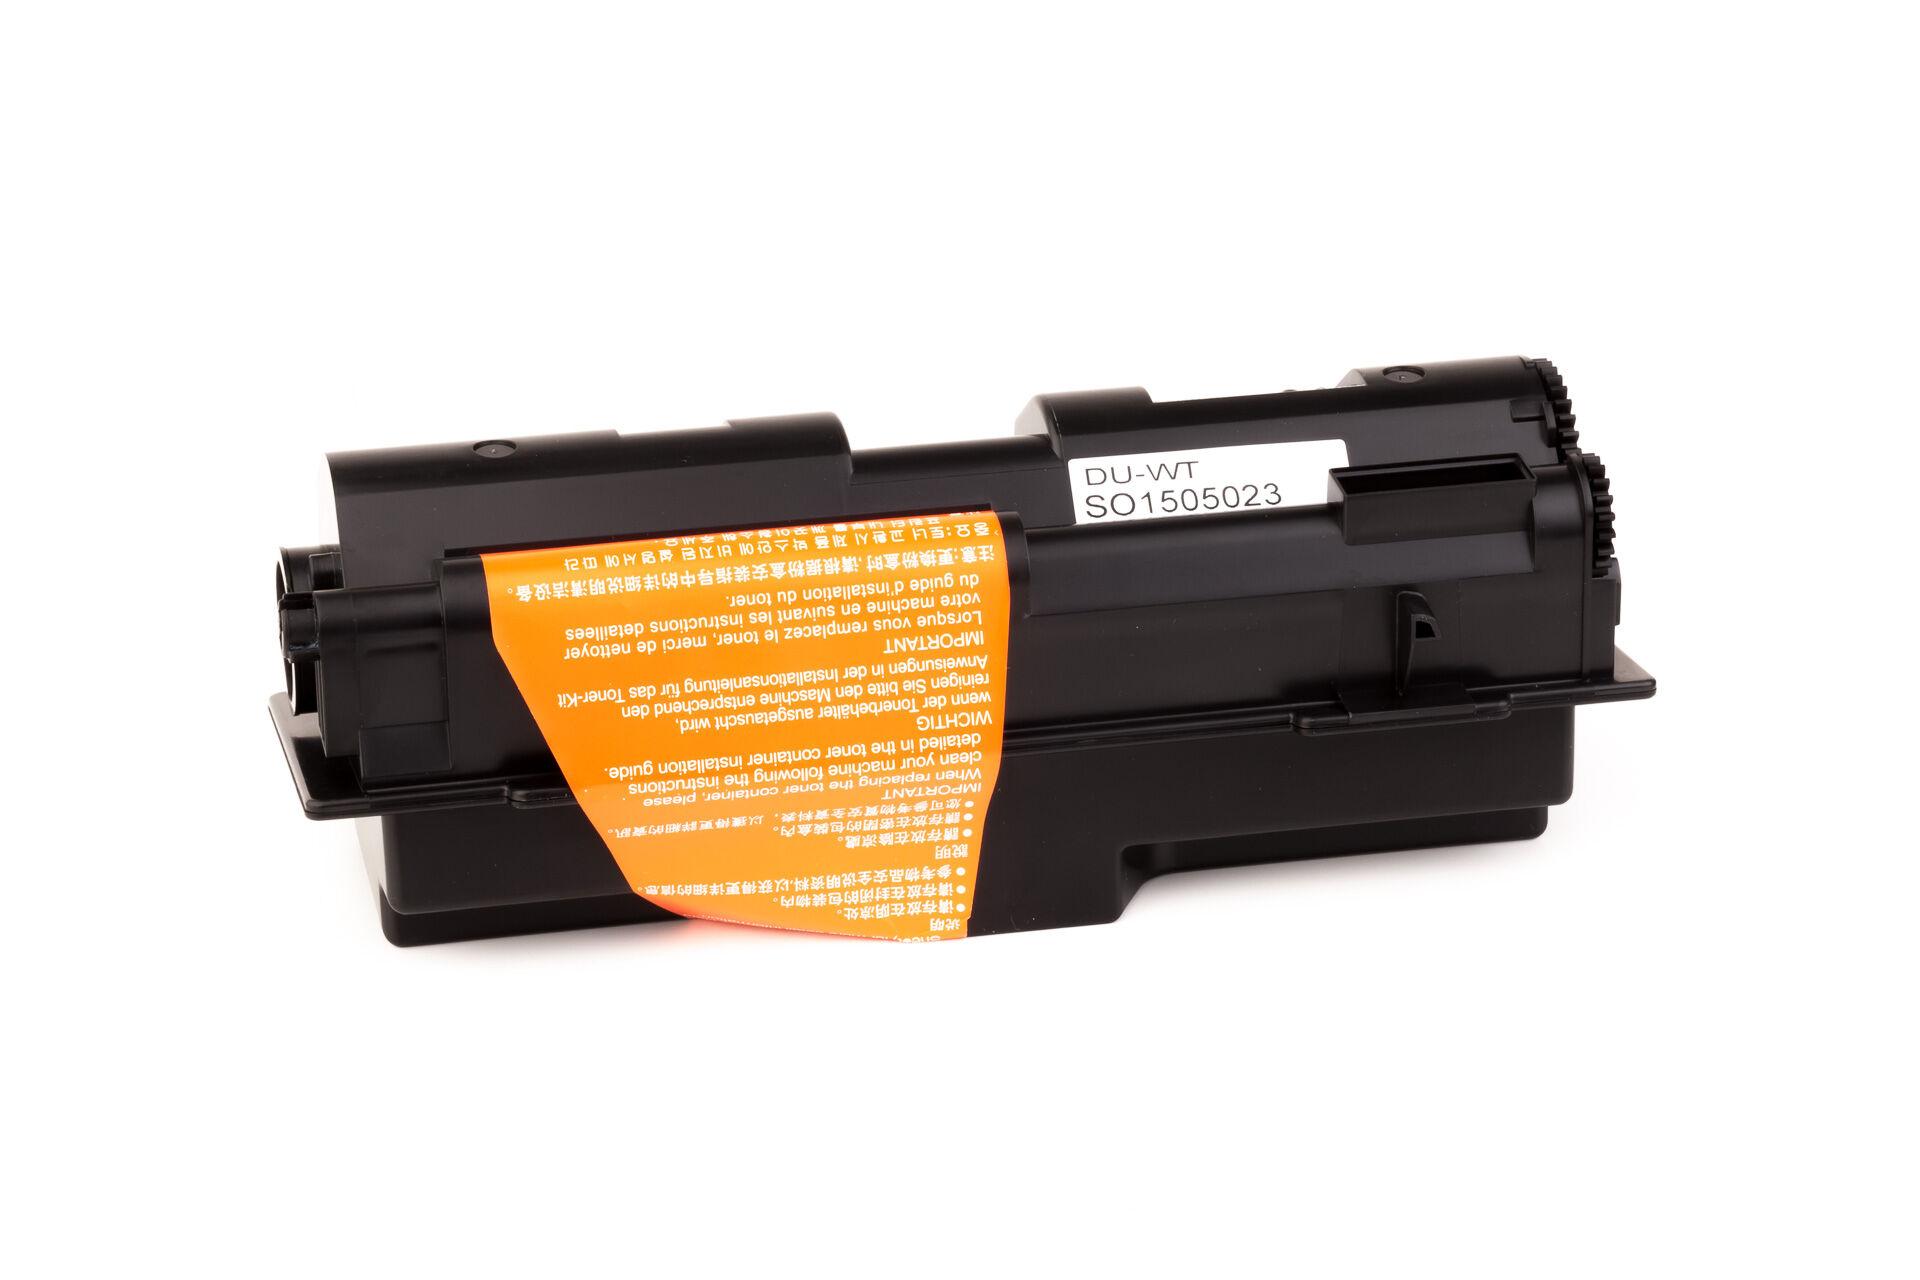 Kyocera Cartouche de Toner pour Kyocera 1T02HS0EU0 / TK-130 noir compatible (de marque ASC)